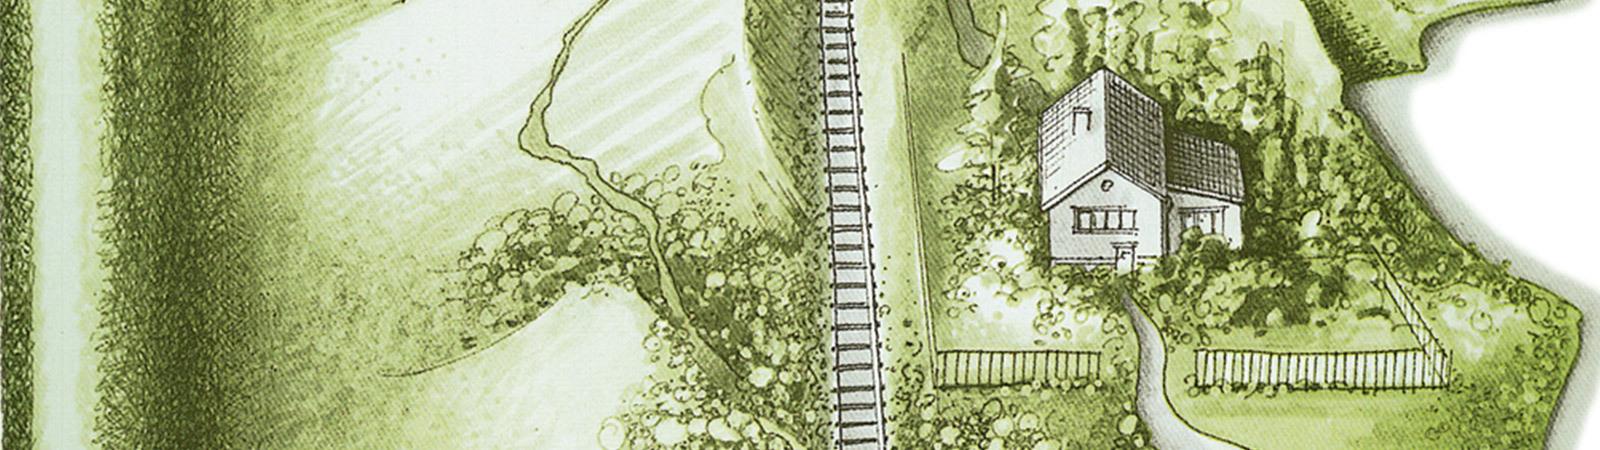 100 x 75 cm Geländeteppich Neu Heki 30941 Grasmatte herbstfarben 9,85€//m²